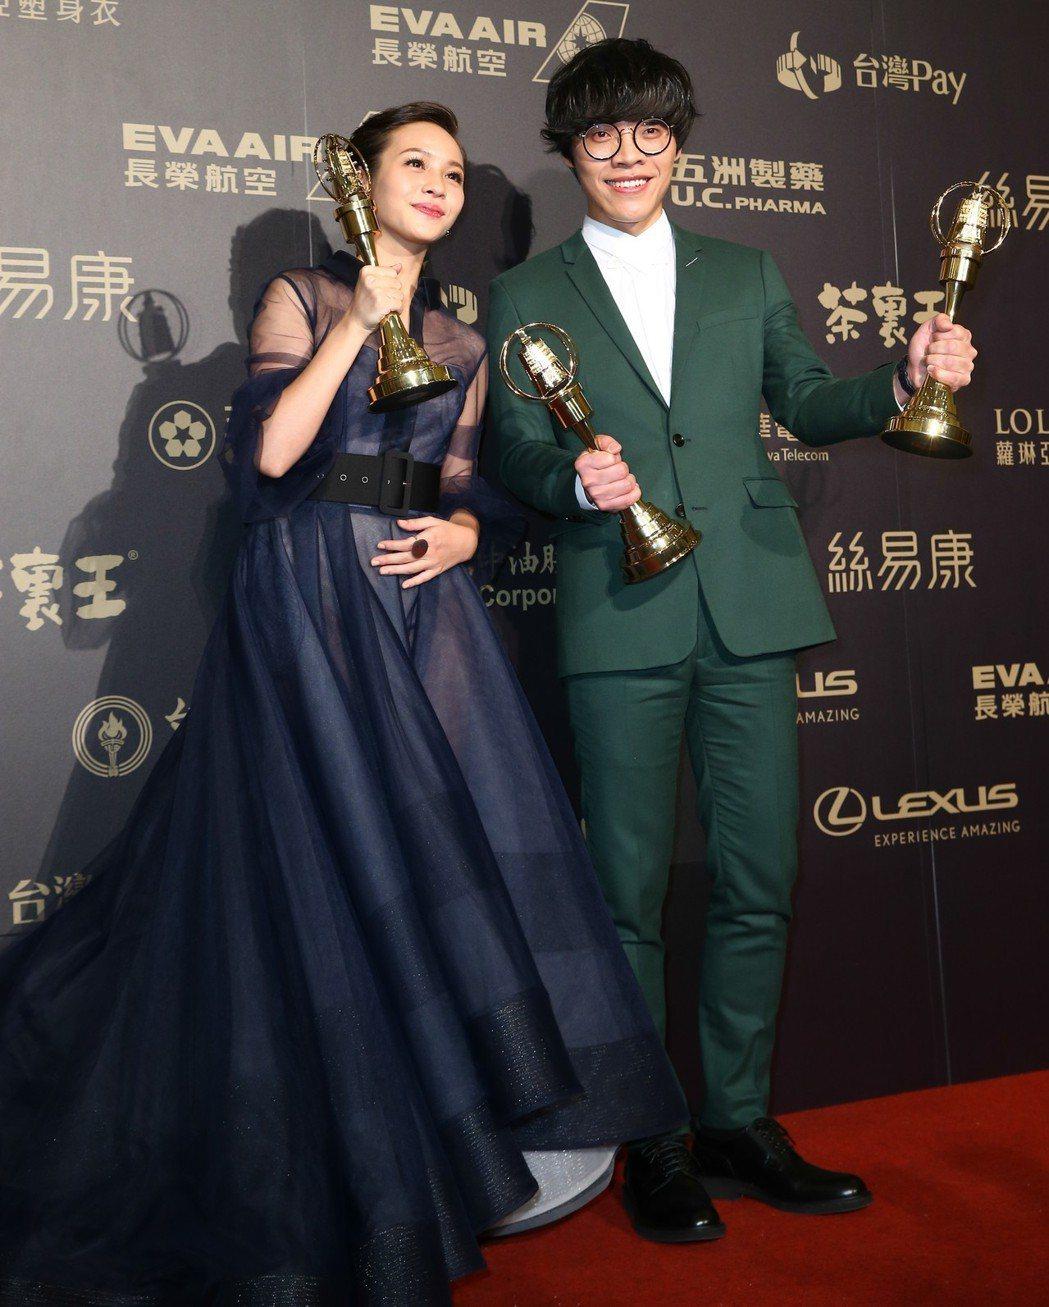 第五十三屆金鐘獎,影帝盧廣仲(右)、影后黃姵嘉。記者王騰毅/攝影